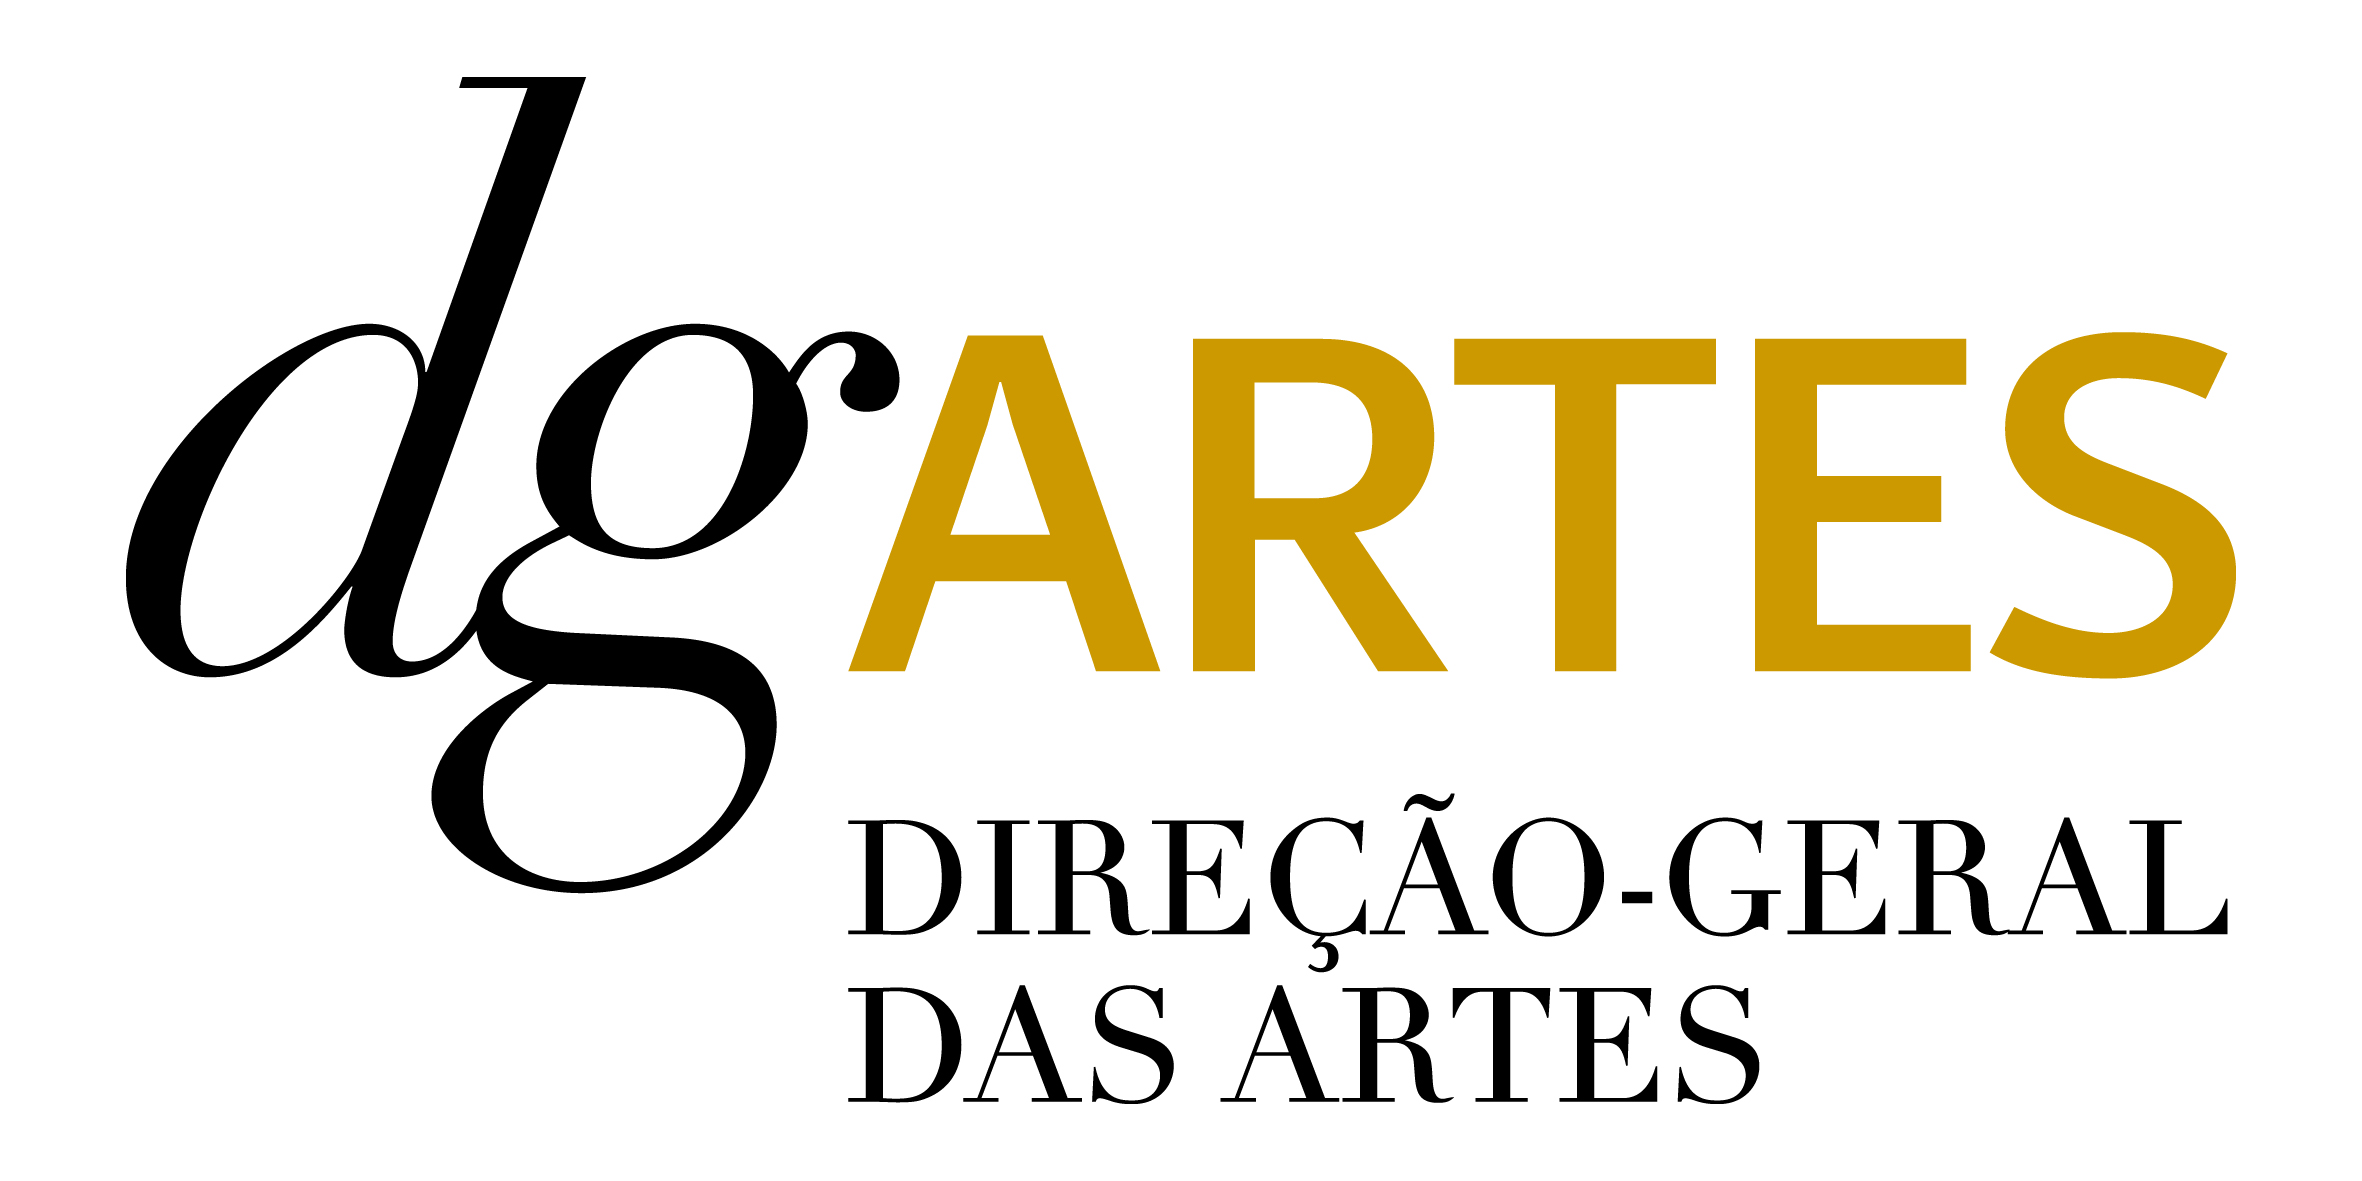 Direcção-Geral das Artes